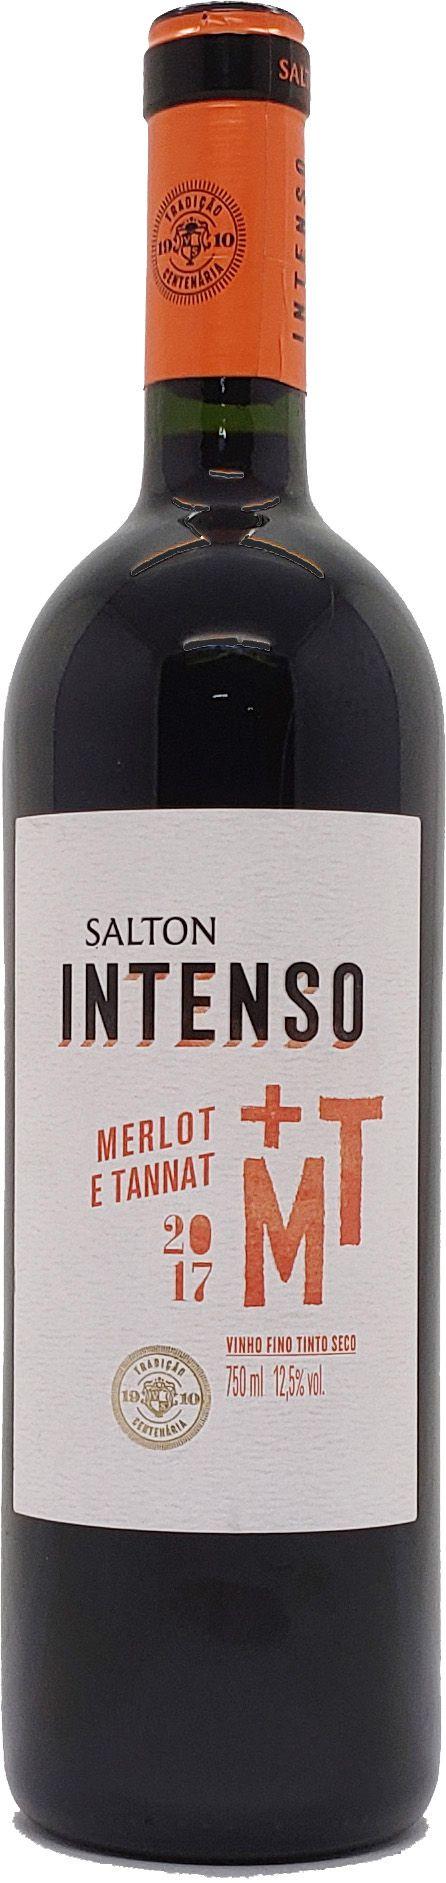 Vinho Salton Intenso Merlot e Tannat - 750ml -